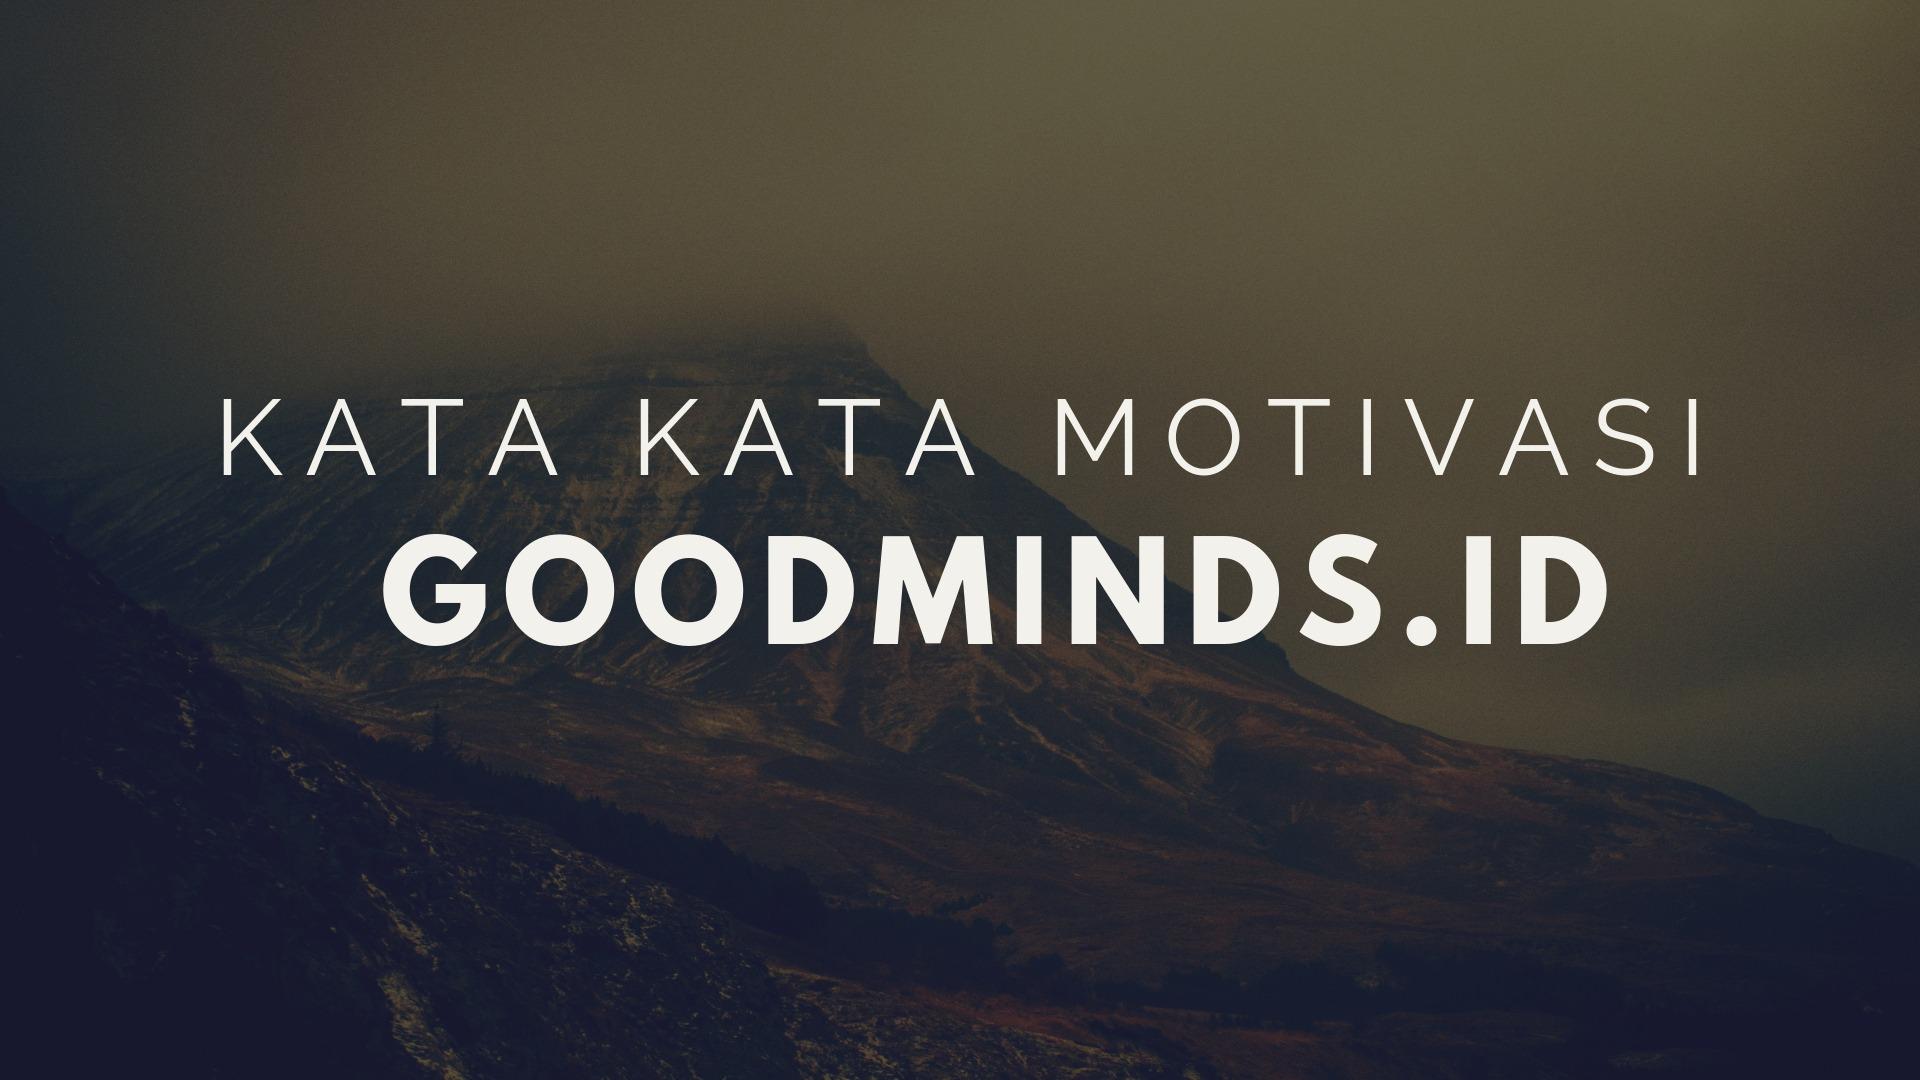 35+ Kata Kata Motivasi Hidup untuk Semangat Belajar, Kerja